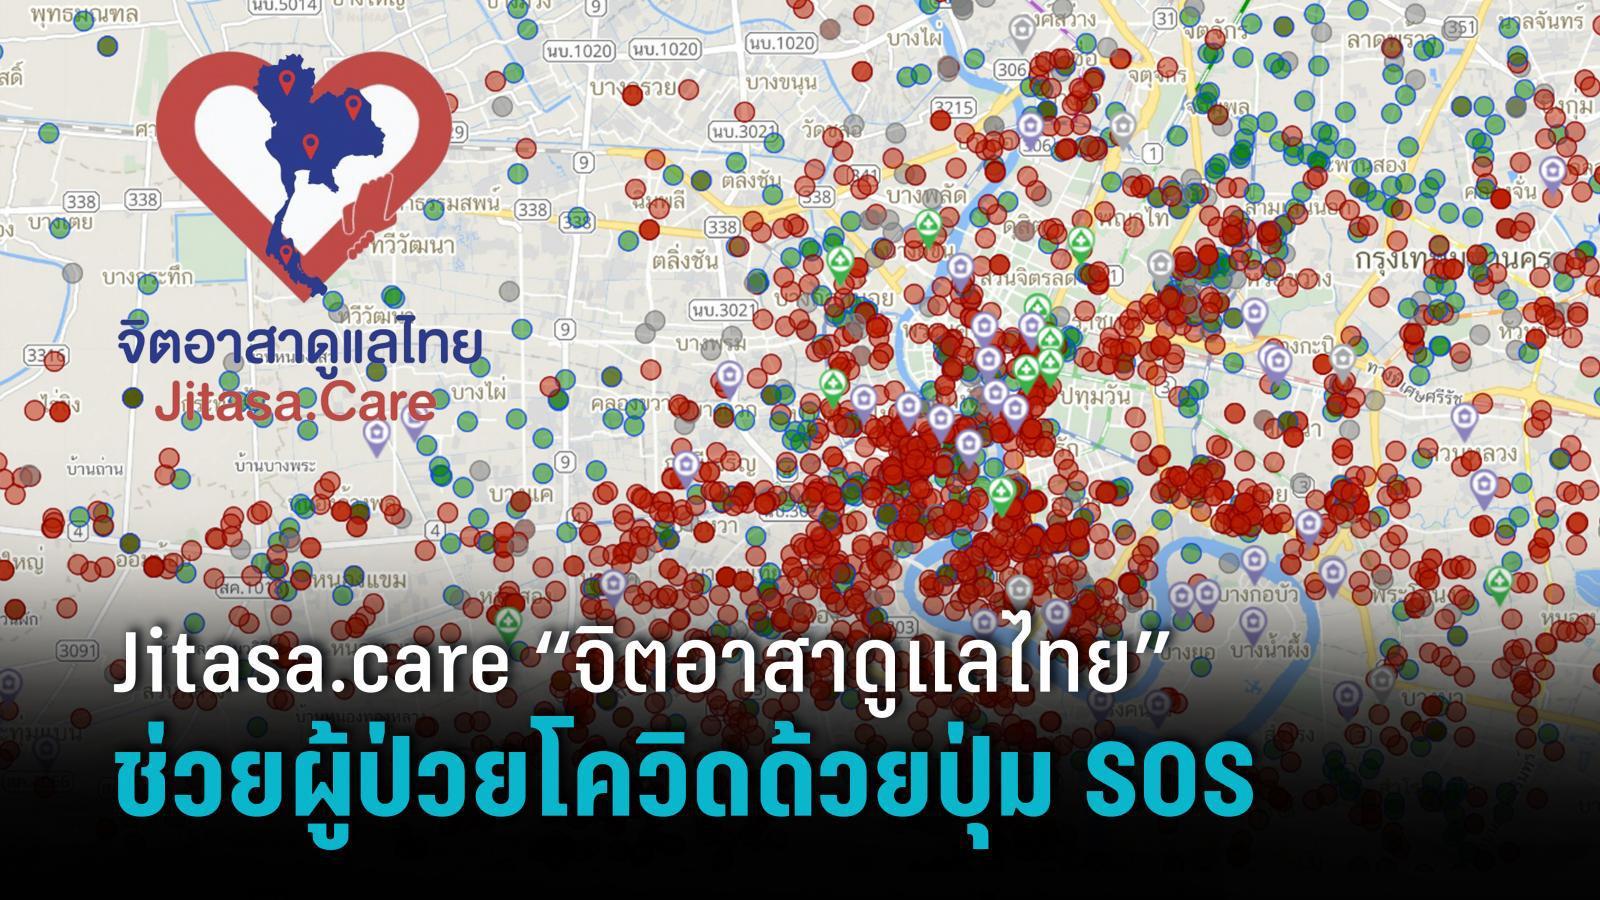 เปิดใจทีม Jitasa.care ผู้สร้างปุ่ม SOS บนแผนที่ดิจิทัลช่วยคนติดโควิด